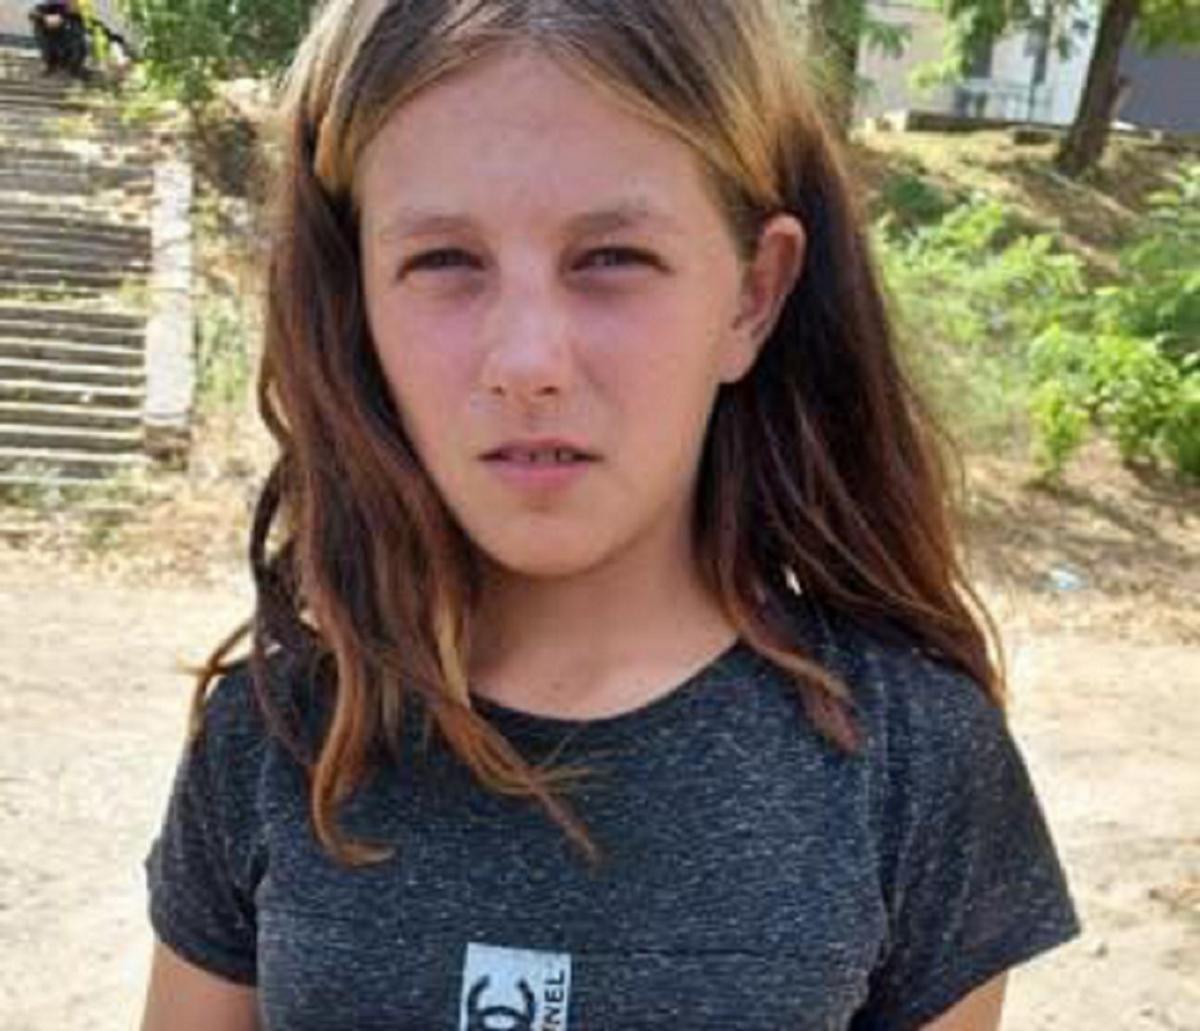 В последний раз Таня была одета в черную кофту и серые джинсы / фото facebook.com/khersonpolice.official